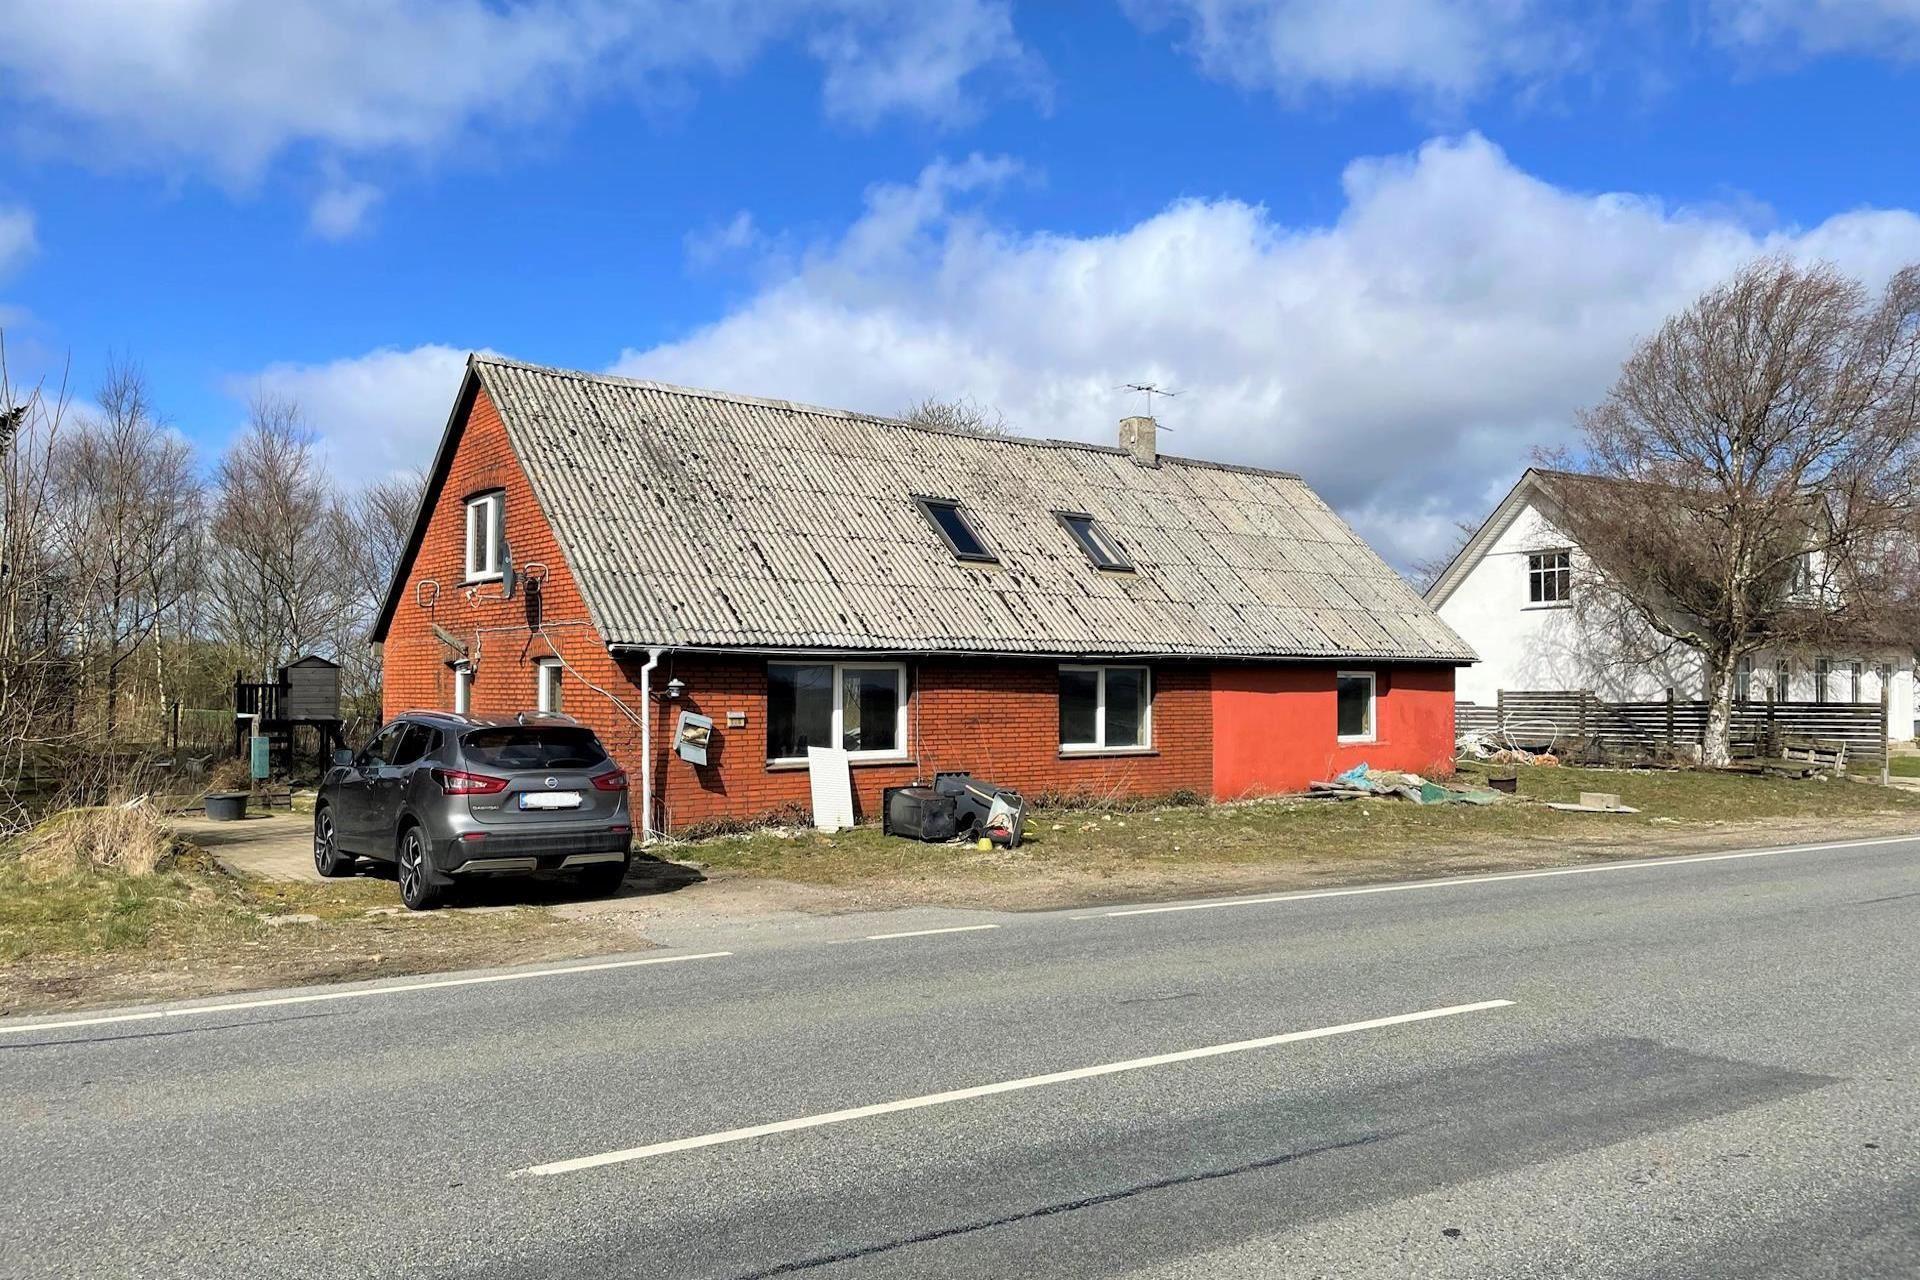 Bliv husejer for 99.000 kr.: Danmarks billigste huse er i Nordjylland